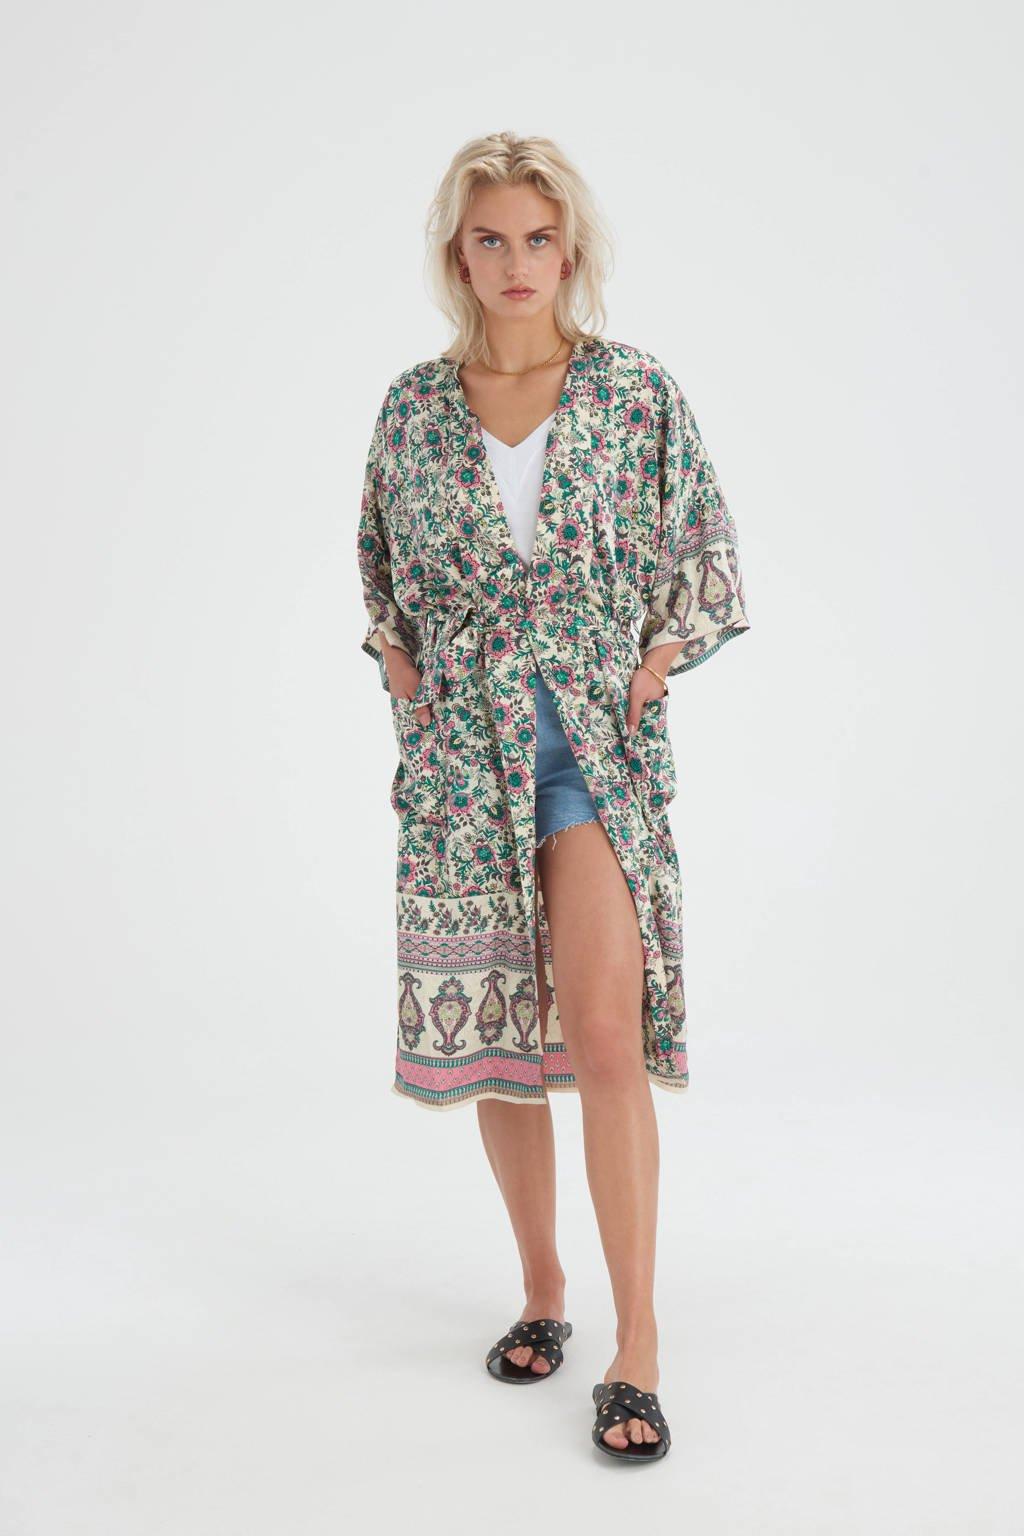 Shoeby Eksept kimono Printed met all over print en ceintuur ecru/groen/roze, Ecru/groen/roze